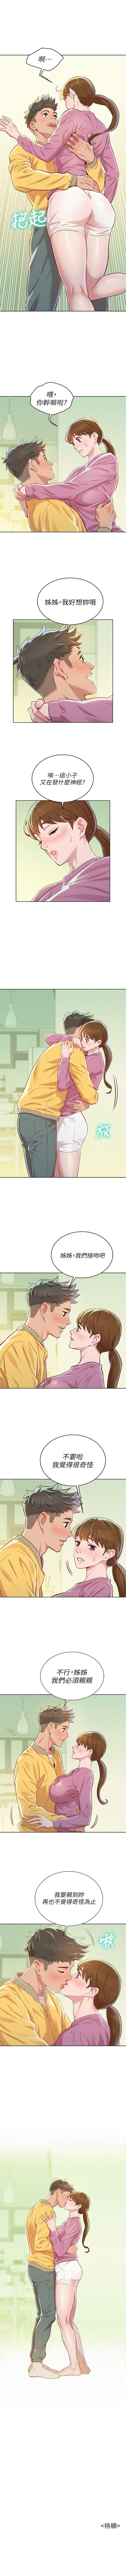 (周7)漂亮干姐姐  1-81 中文翻译 (更新中) 442